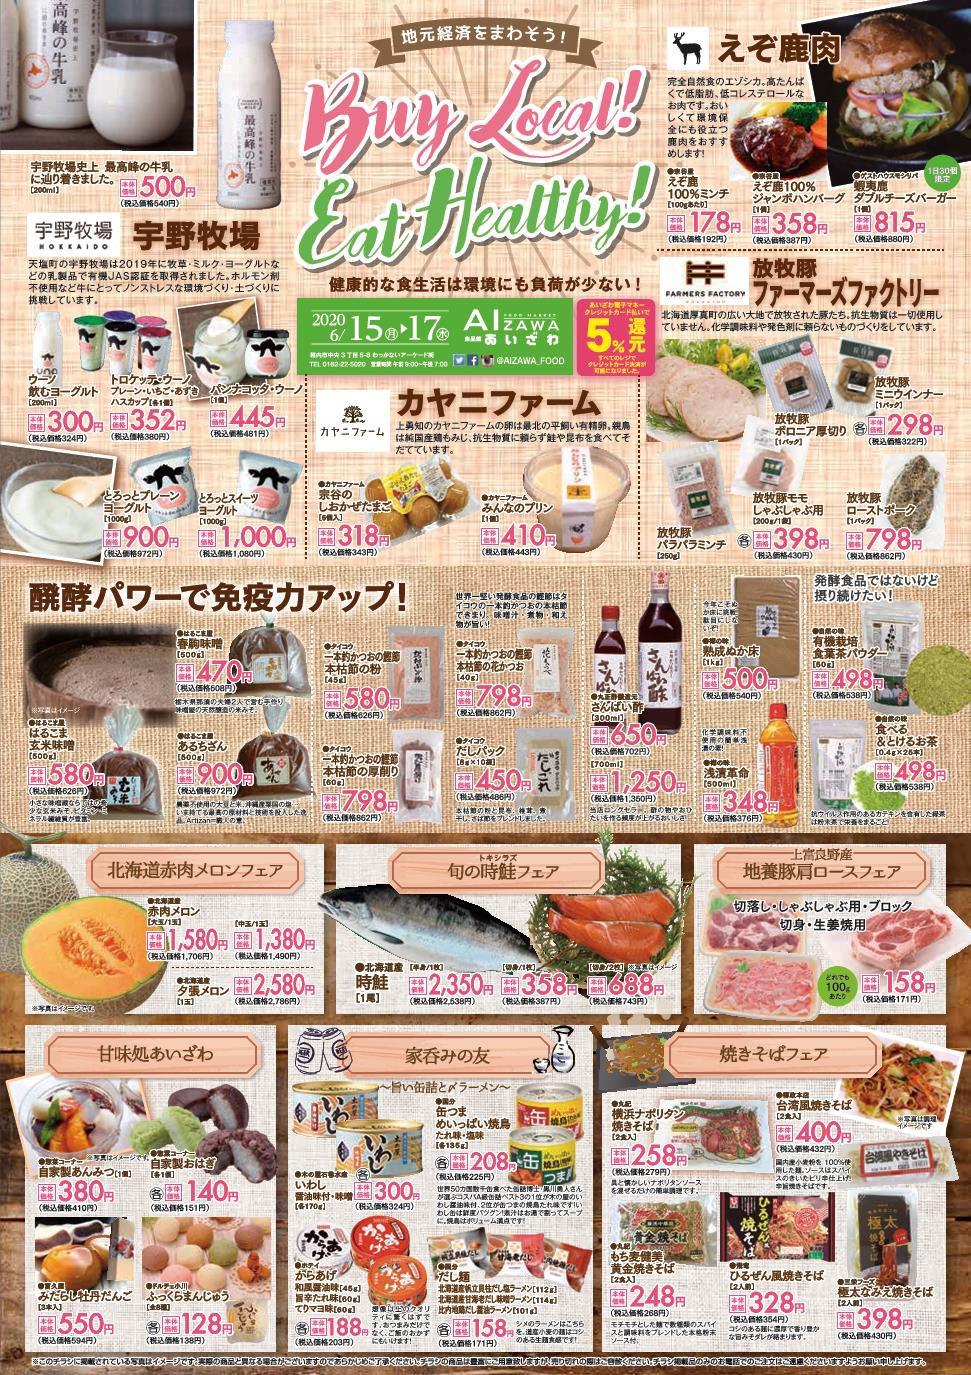 6/15-17 相沢食料百貨店にて蝦夷鹿ダブチーを販売